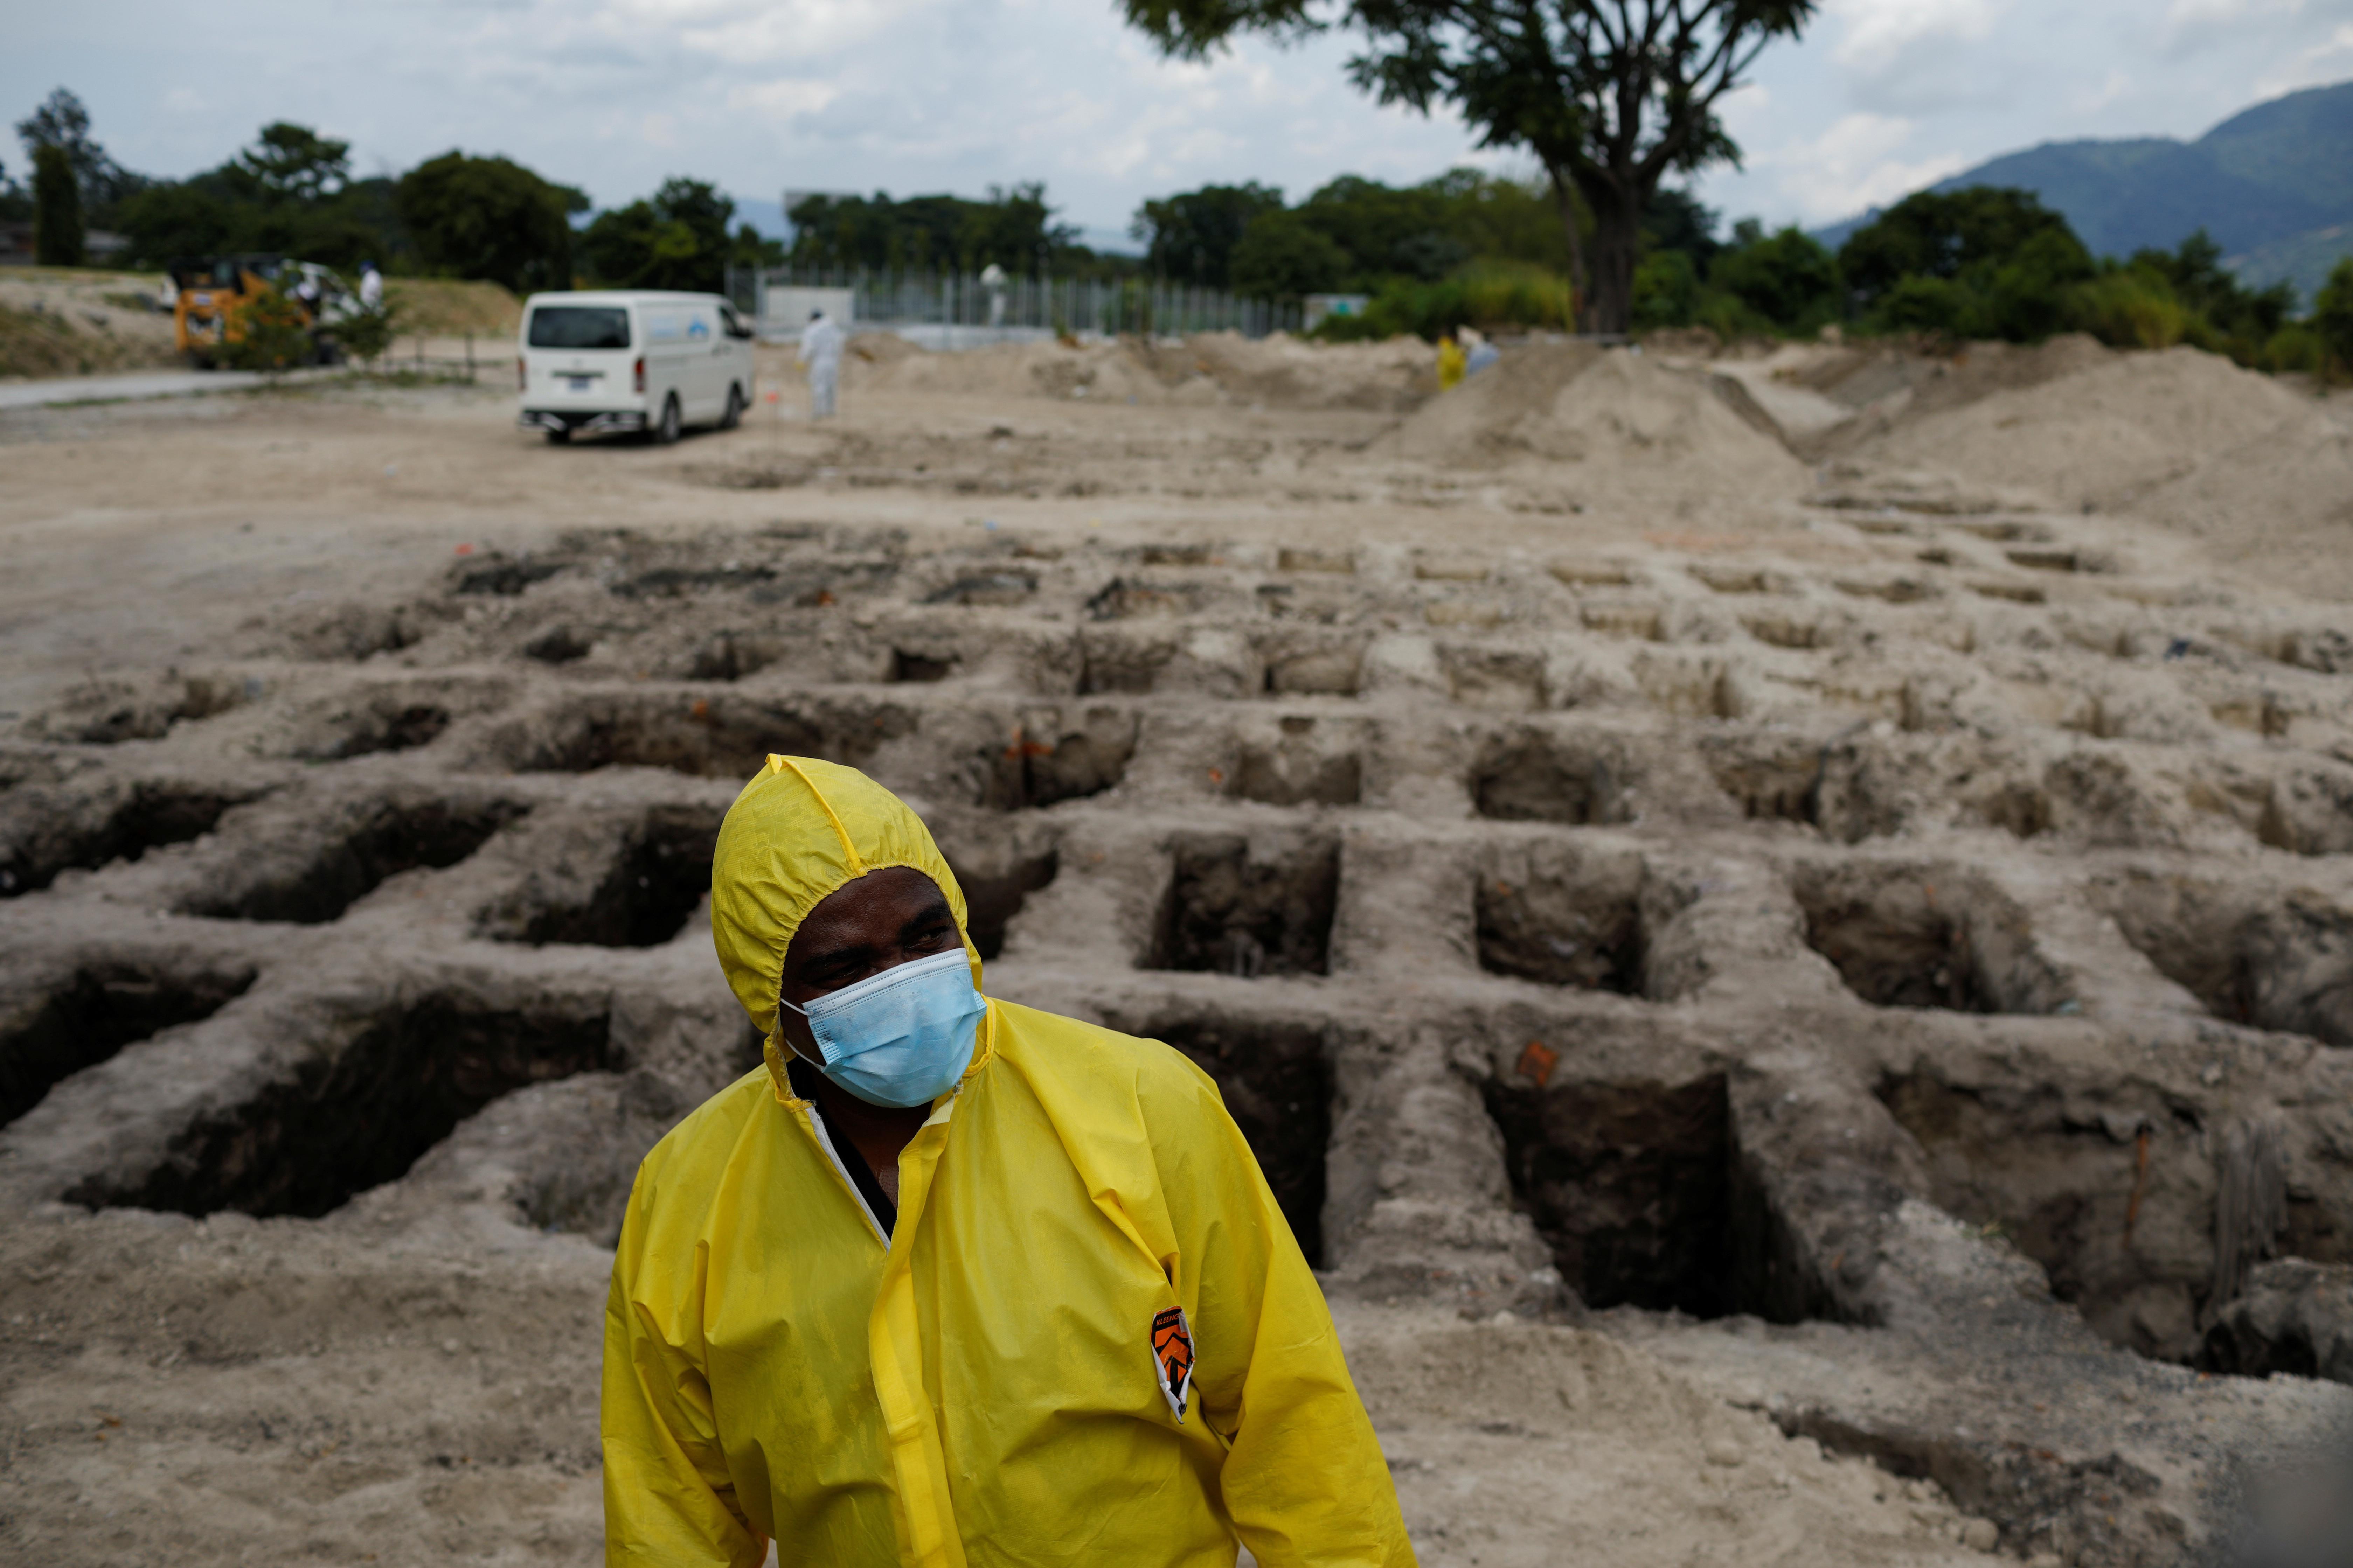 El Coronavirus ha matado a un millón de personas hasta ahora.